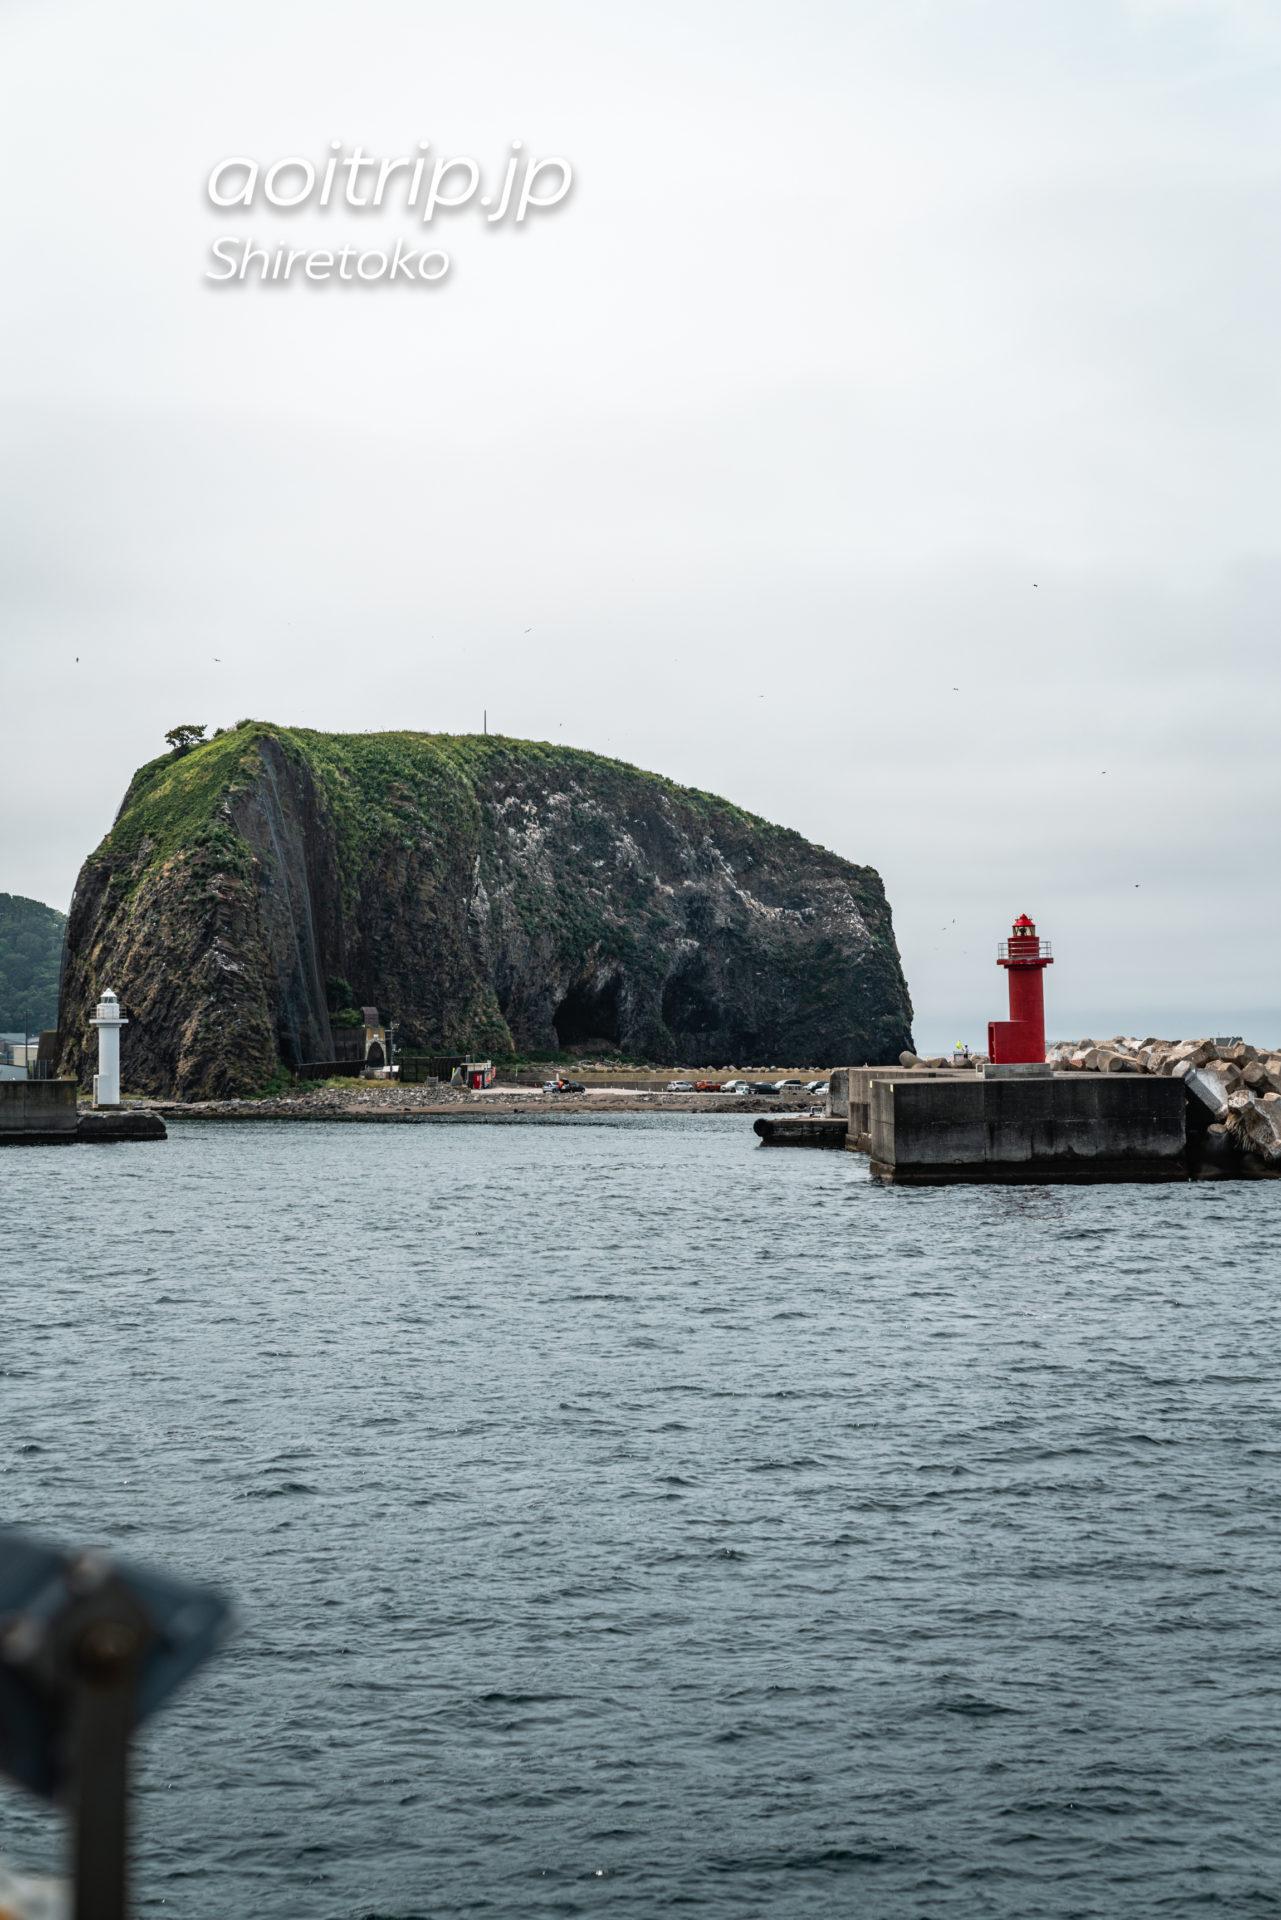 オロンコ岩 Oronko Rock